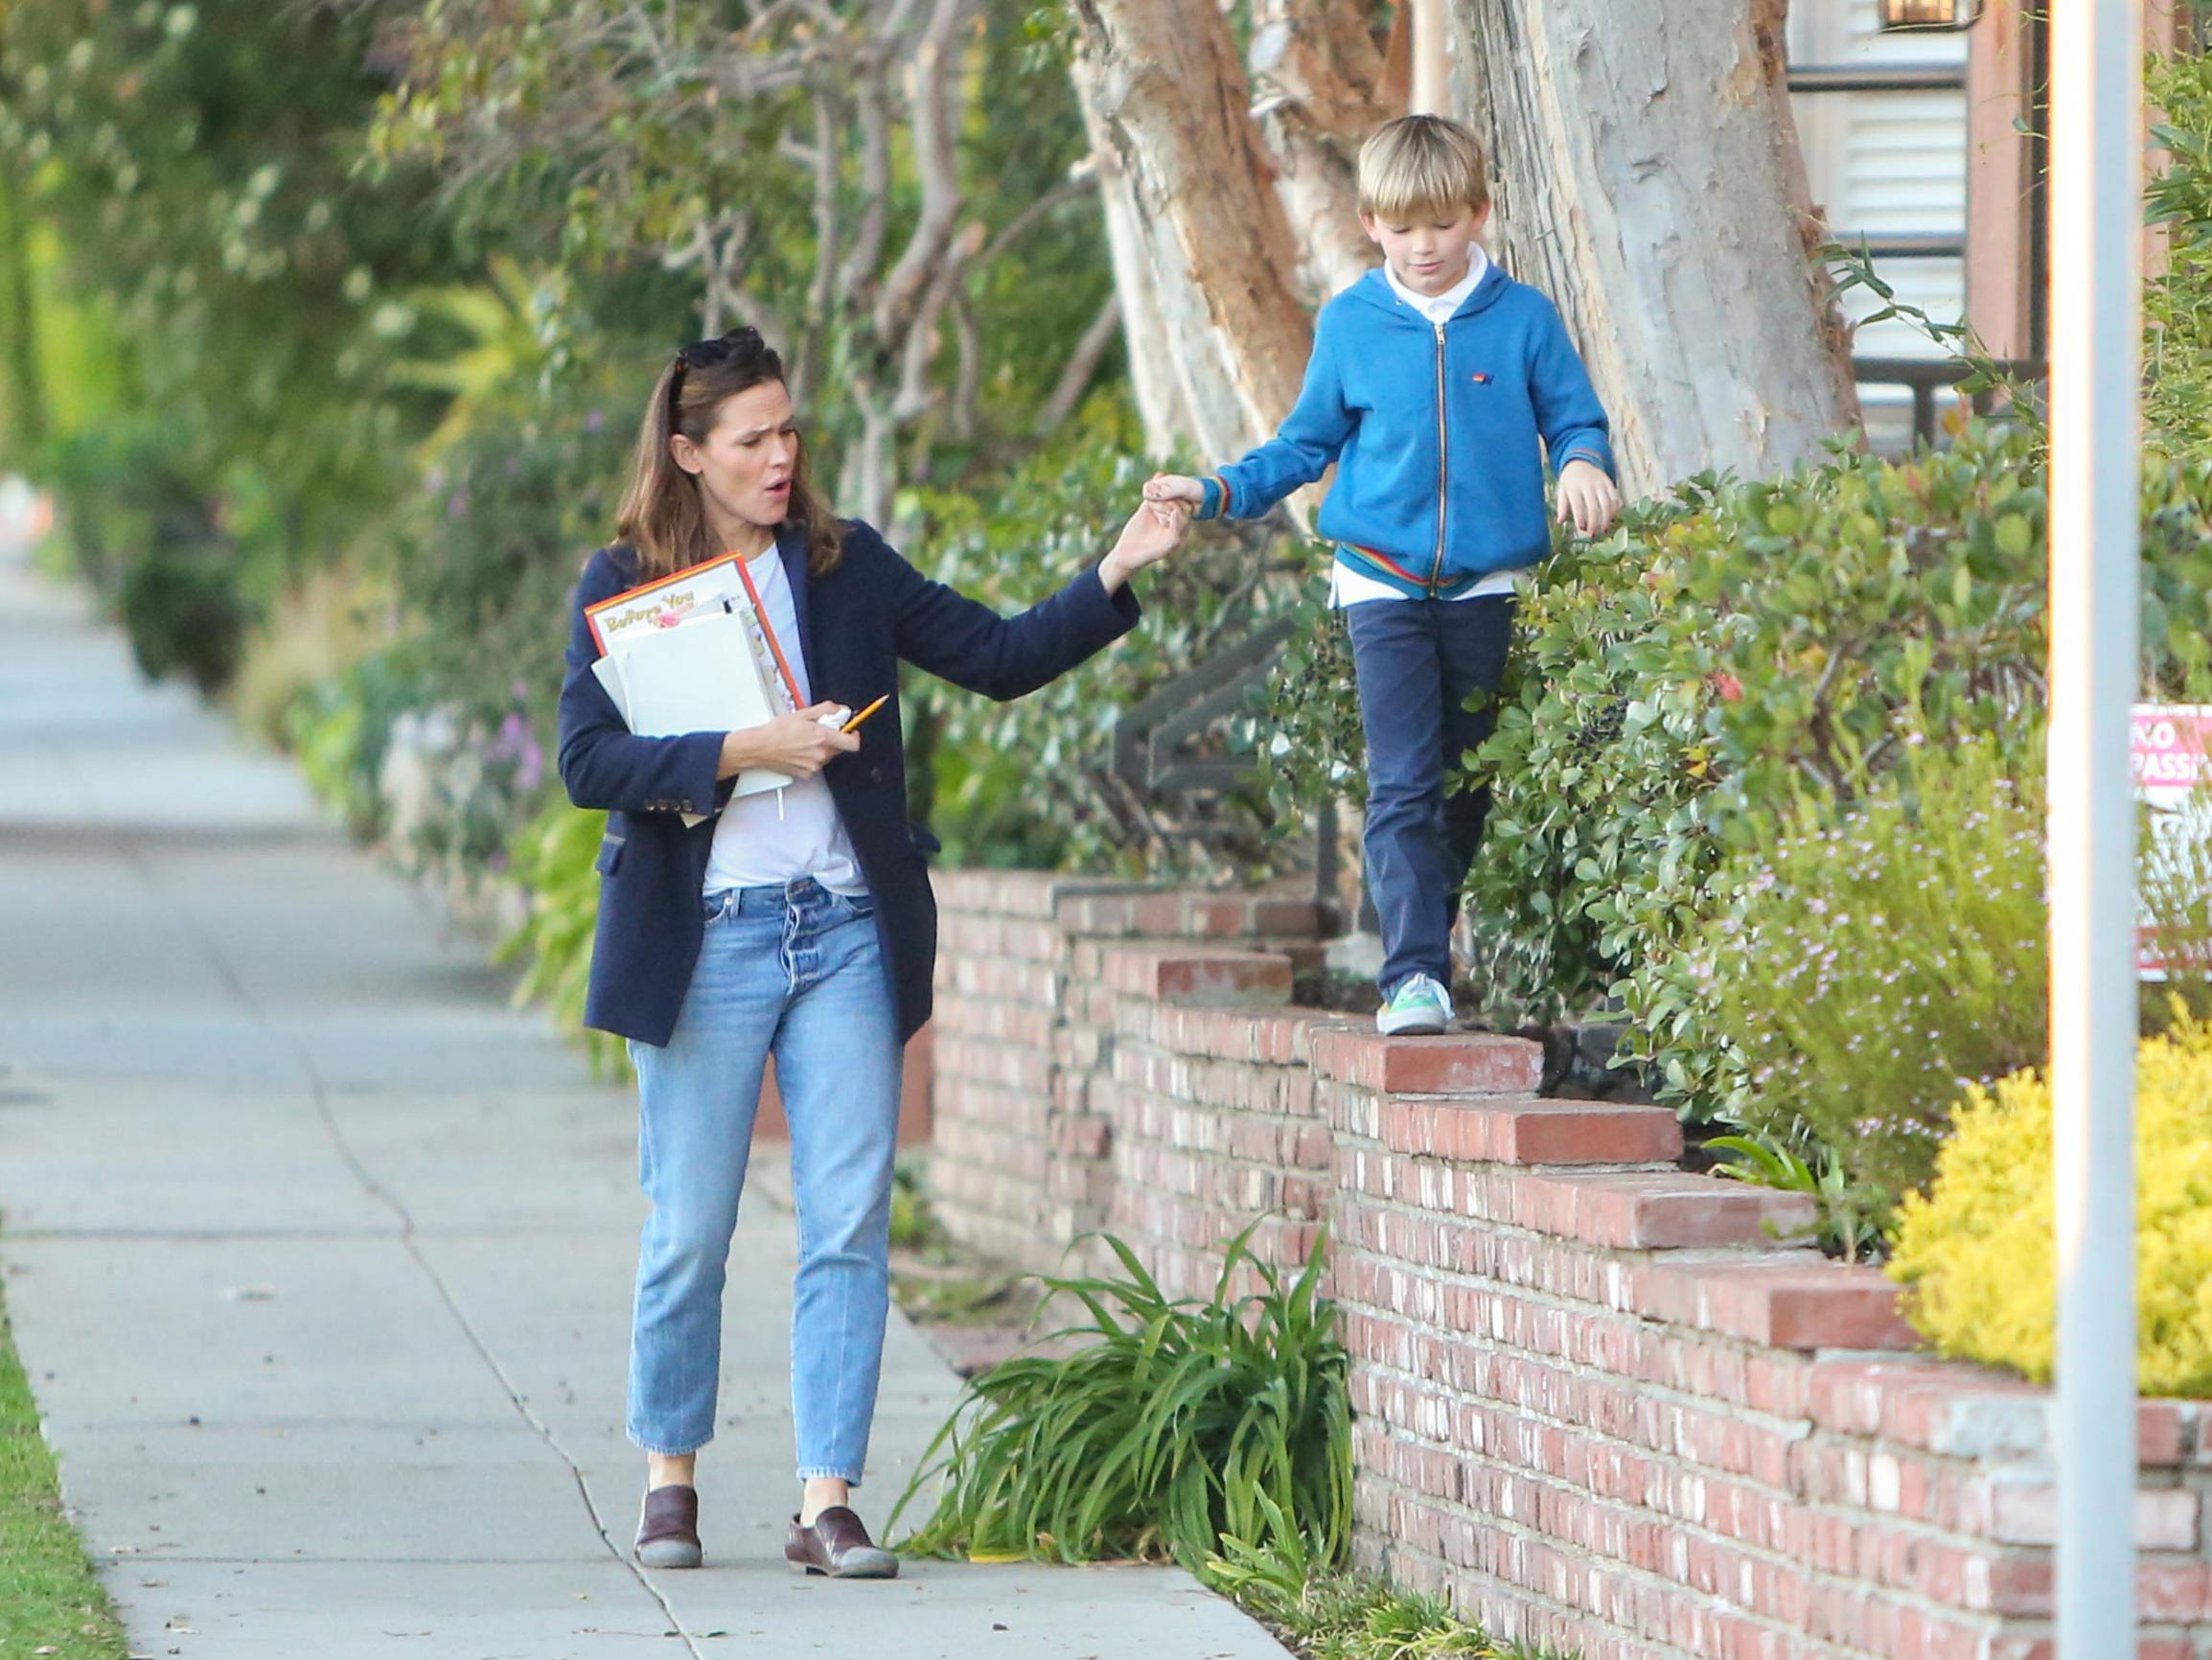 Jennifer Garner and son Samuel Affleck Jennifer Garner out and about, Los Angeles, USA - 06 Jan 2020, Image: 491417307, License: Rights-managed, Restrictions: , Model Release: no, Credit line: REX / Shutterstock Editorial / Profimedia